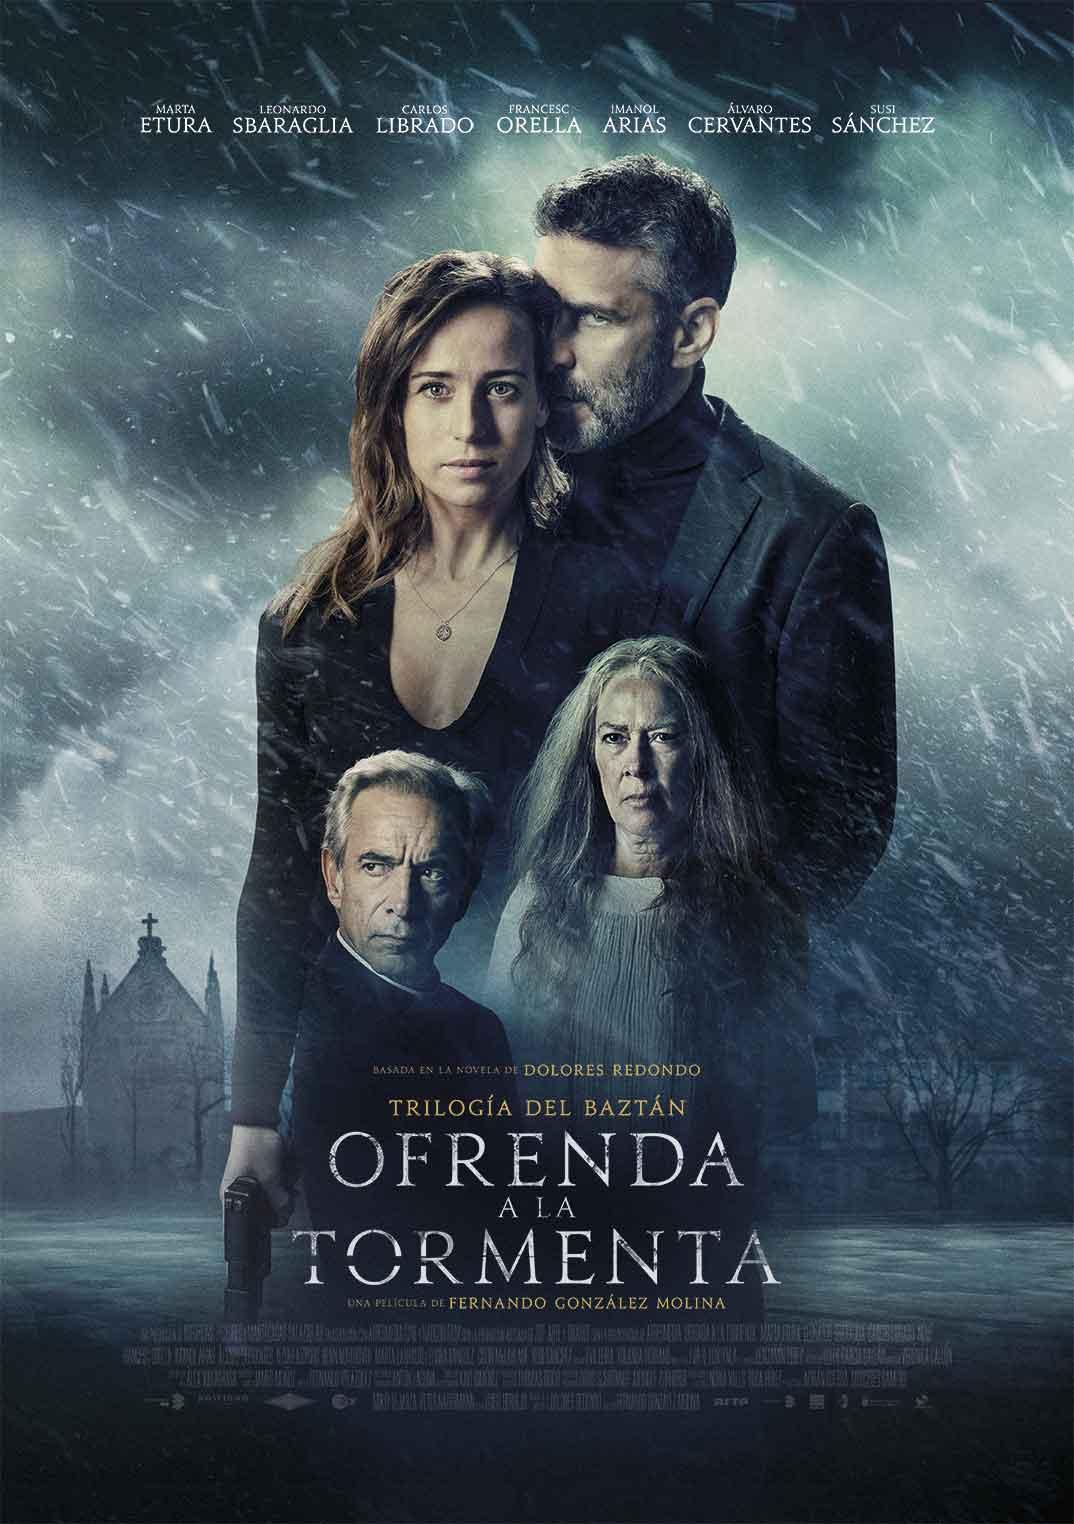 Ofrenda a la tormenta © Netflix